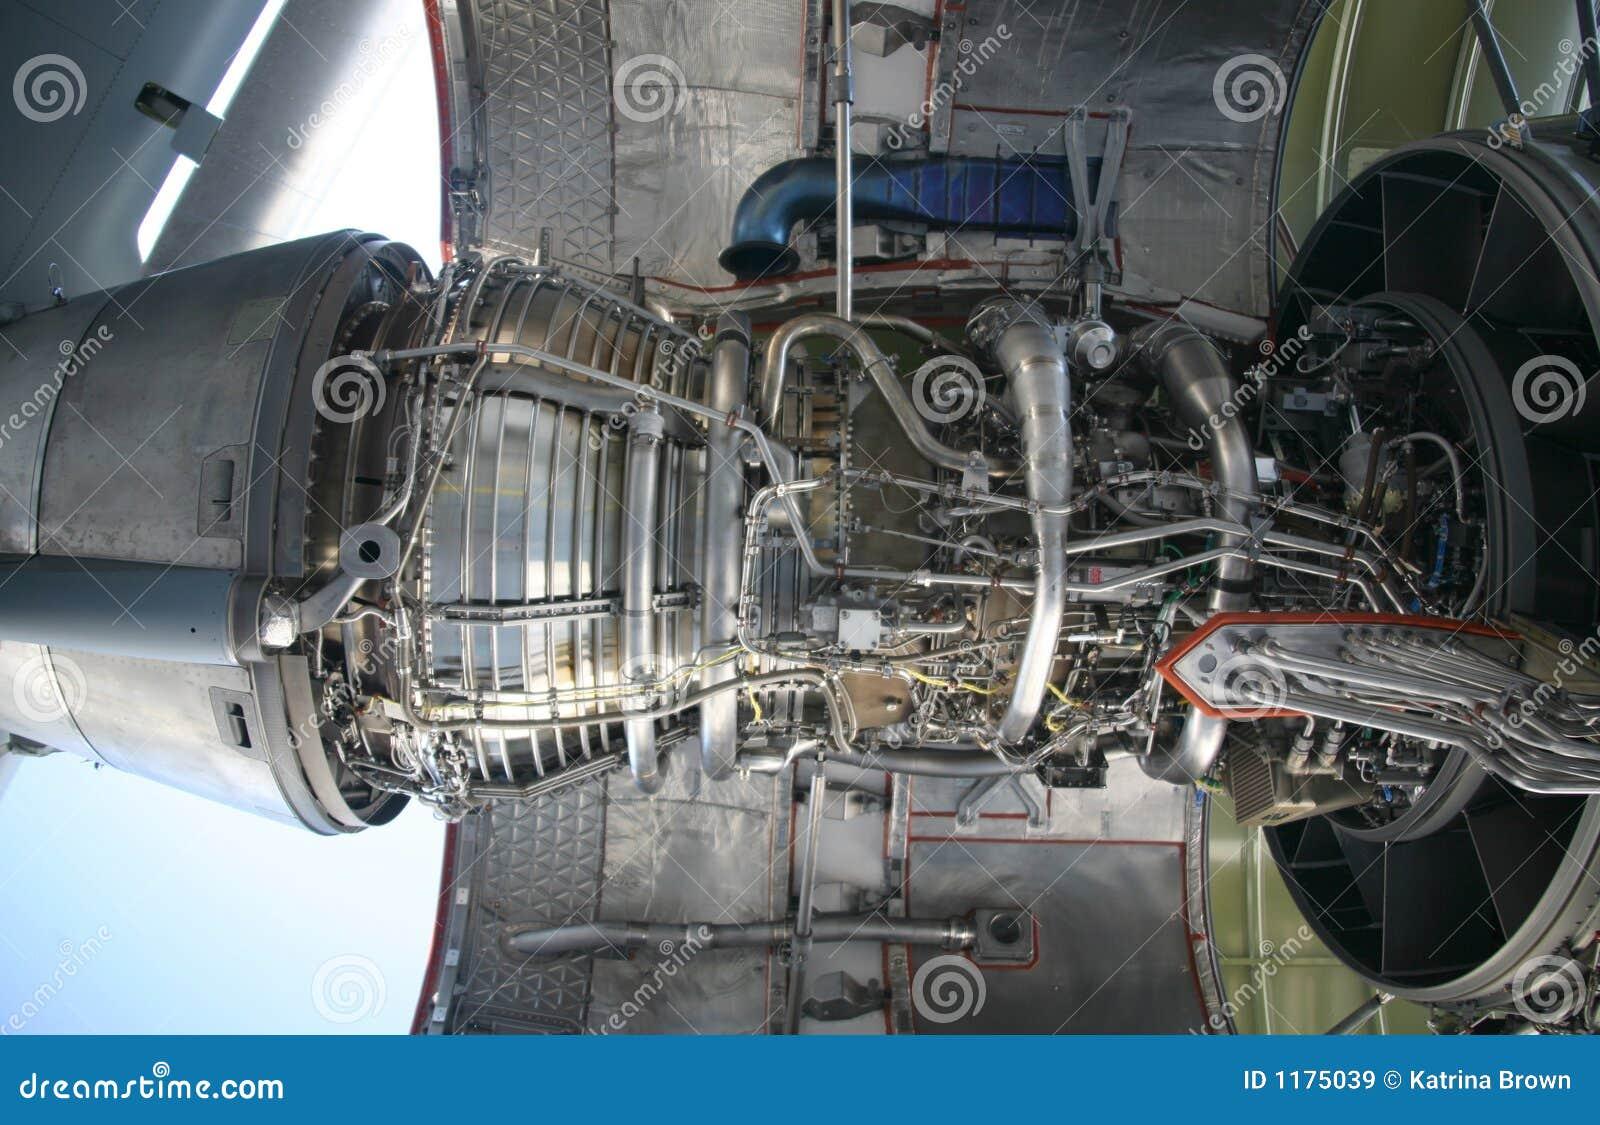 17 воиск двигателя c воздушных судн